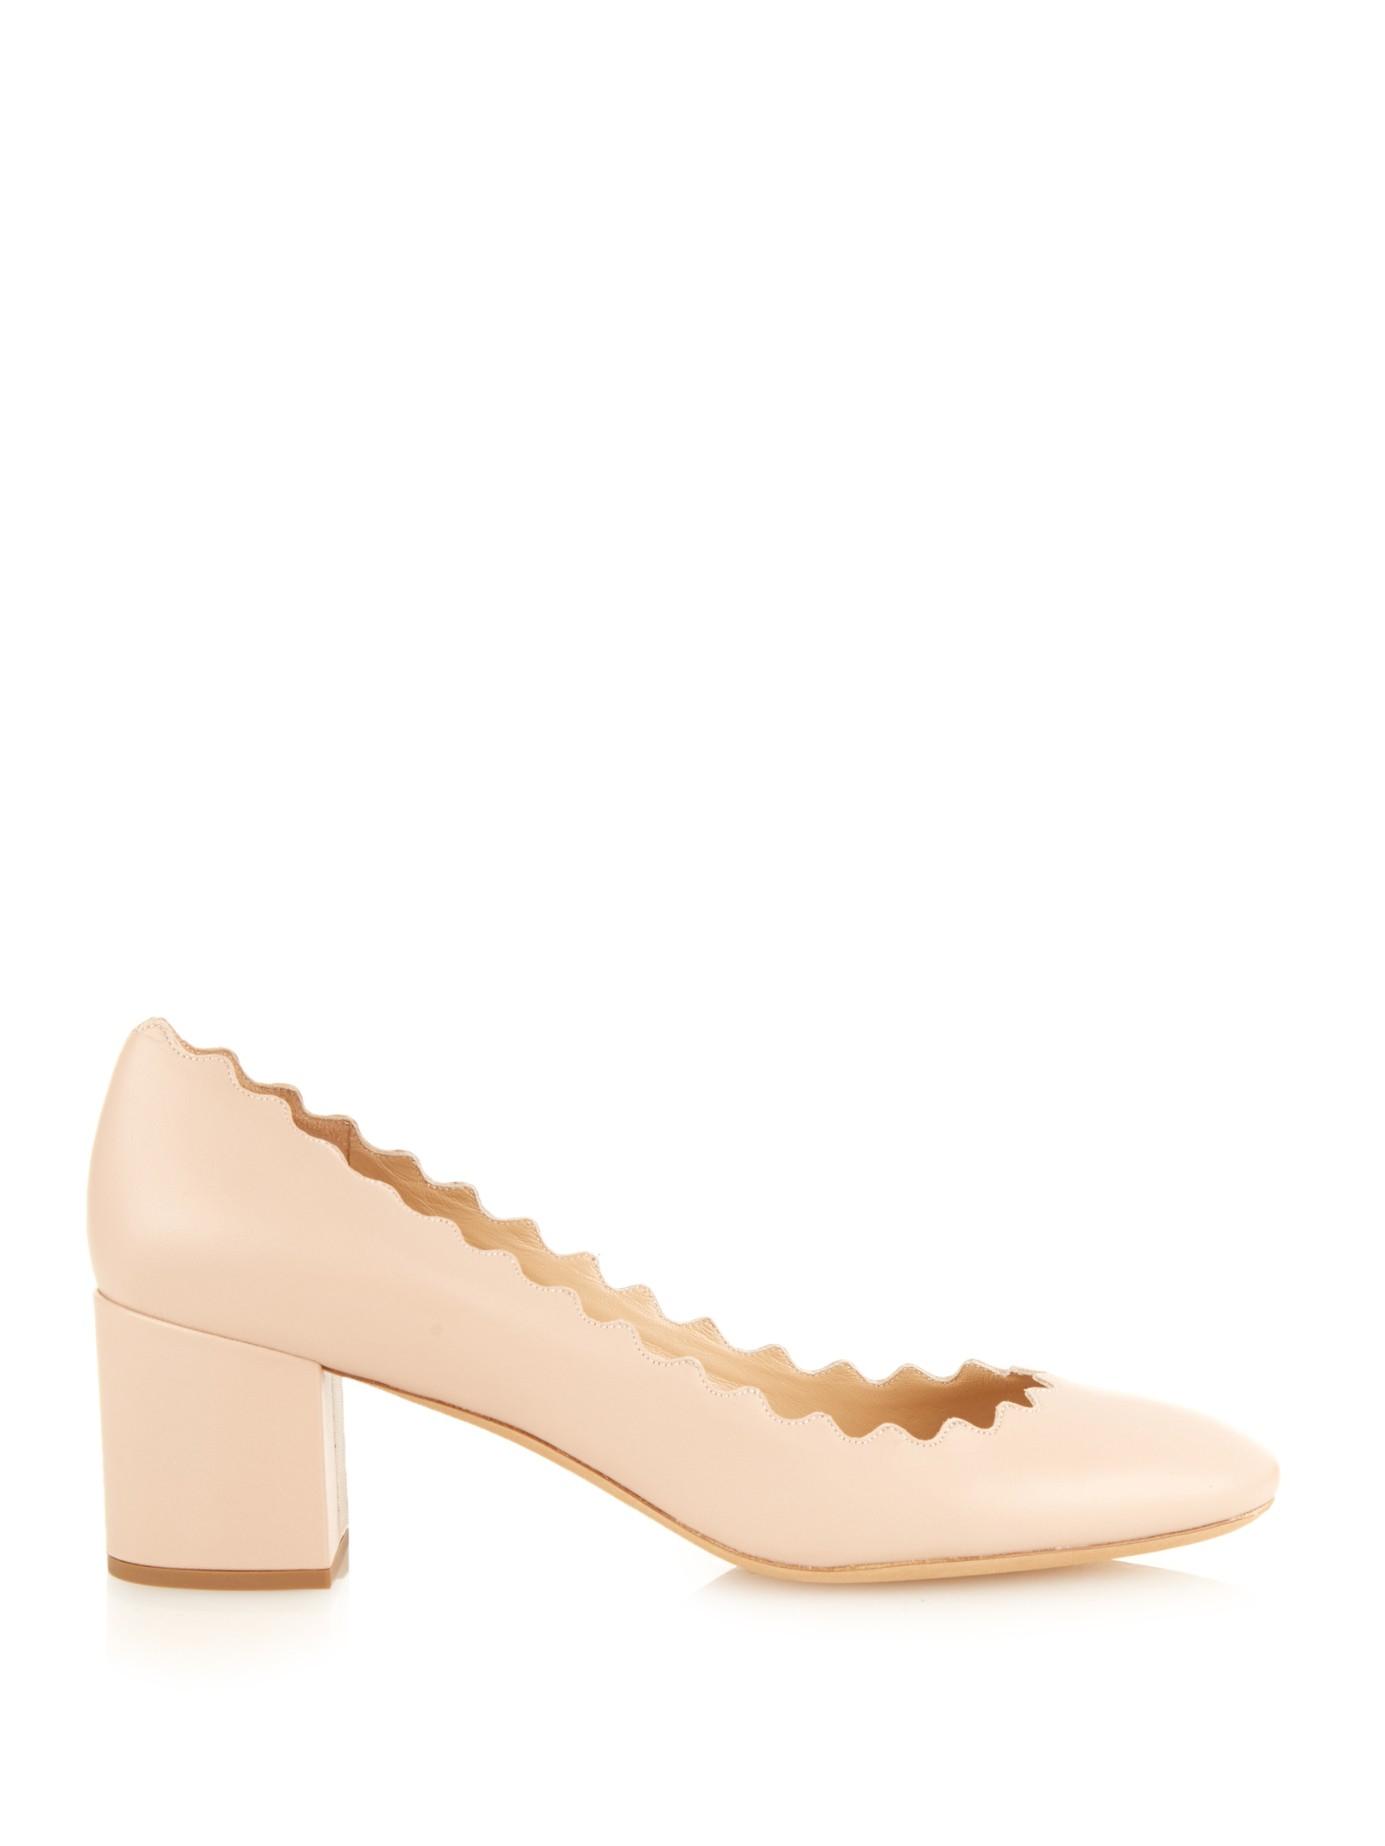 Chloe Shoes | Chloe Lauren Ankle Strap Suede Block Heel